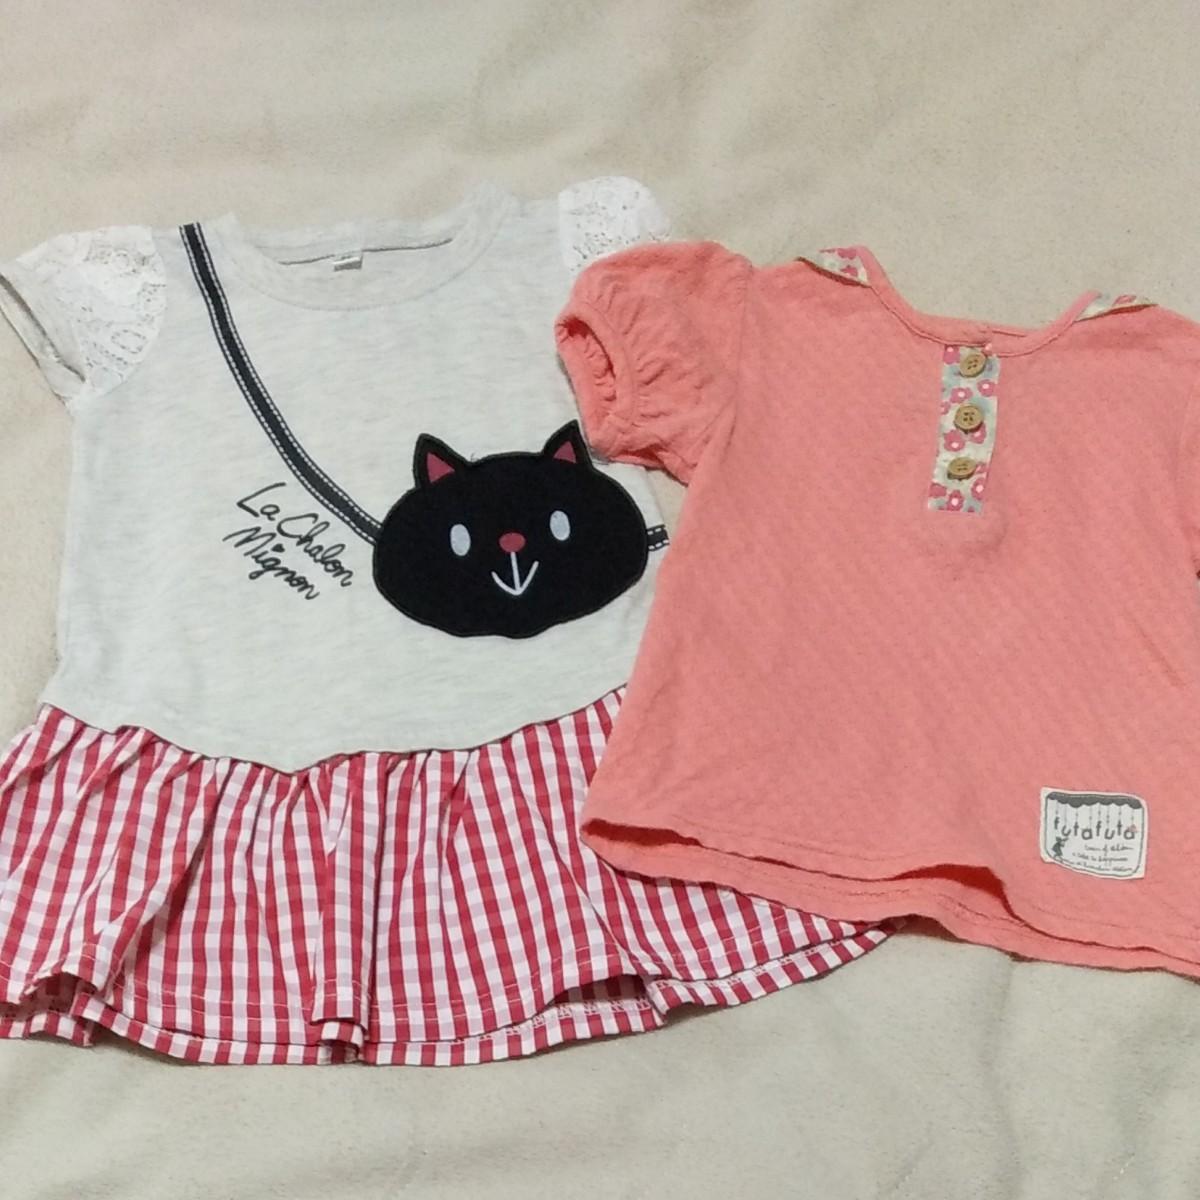 【専用出品】半袖Tシャツ半袖ワンピース4着セット80サイズ